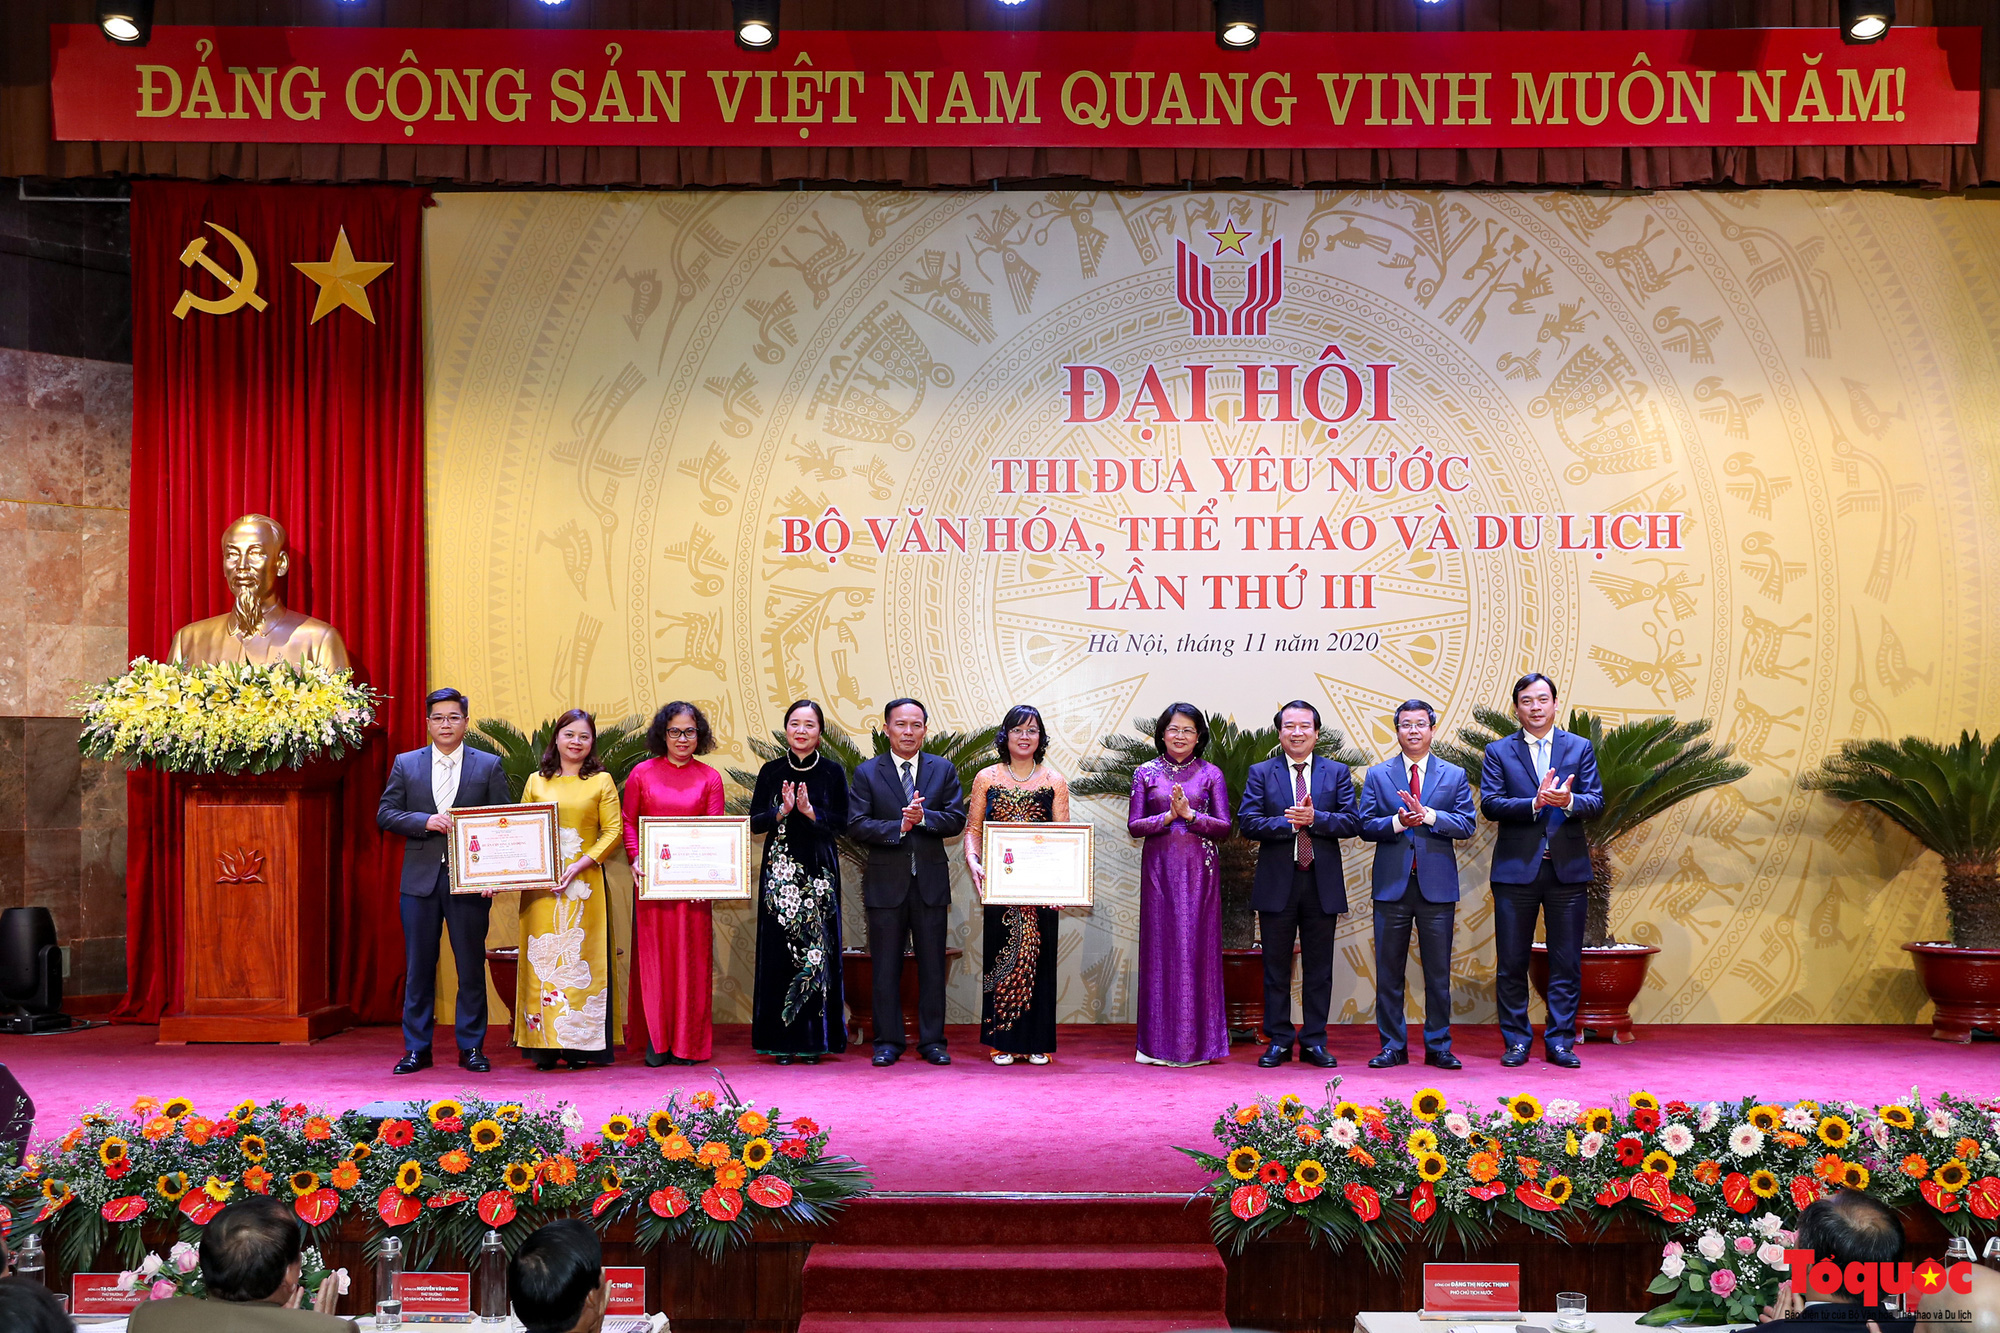 Thay mặt lãnh đạo Đảng, Nhà nước, Phó Chủ tịch nước Đặng Thị Ngọc Thịnh đã trao Huân chương Lao động cho các đơn vị có thành tích xuất sắc trong phong trào thi đua yêu nước của Bộ VHTTDL giai đoạn 201